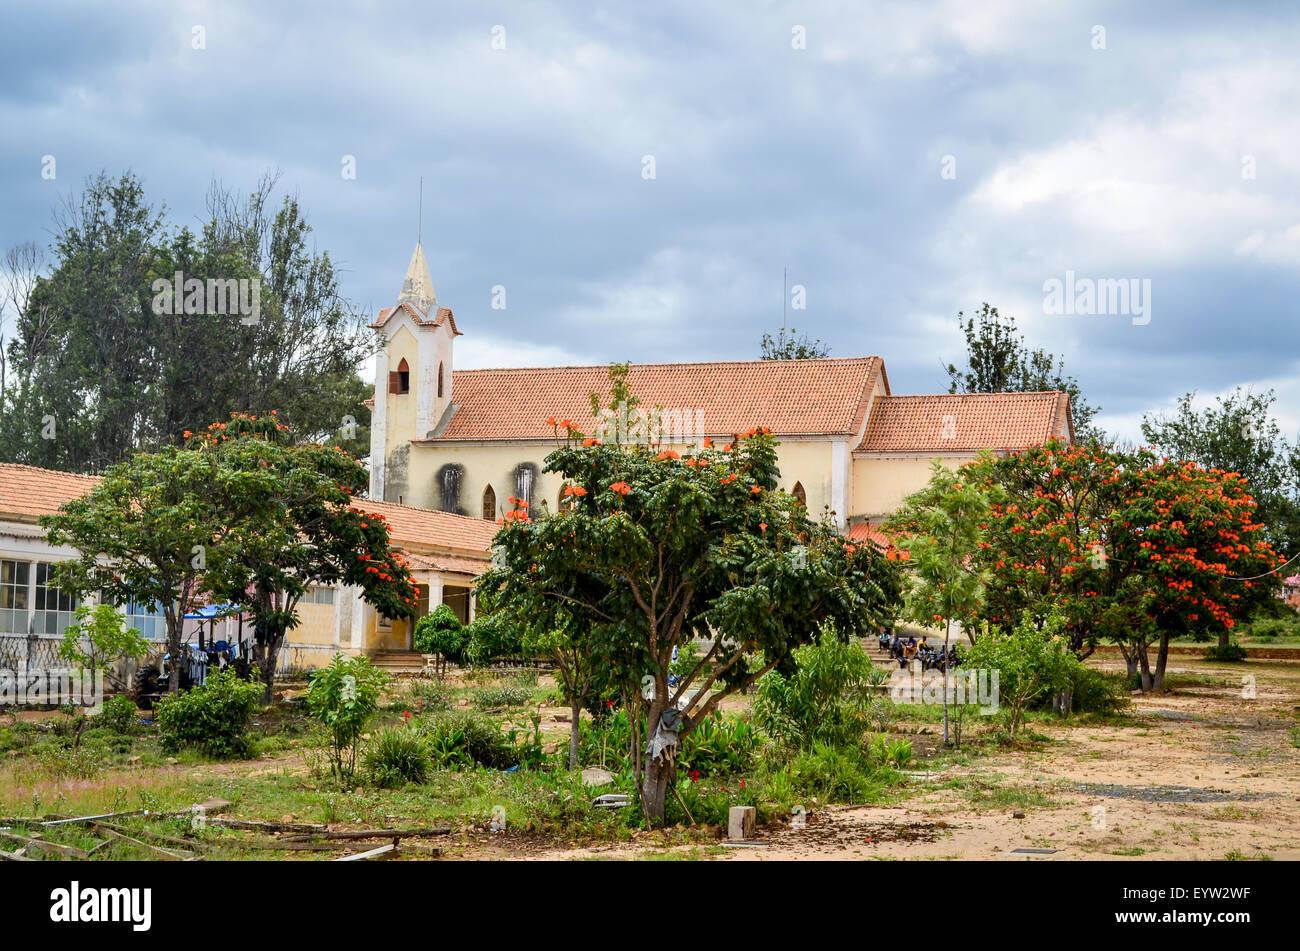 Catholic mission of Jau, Huila province, Angola - Stock Image